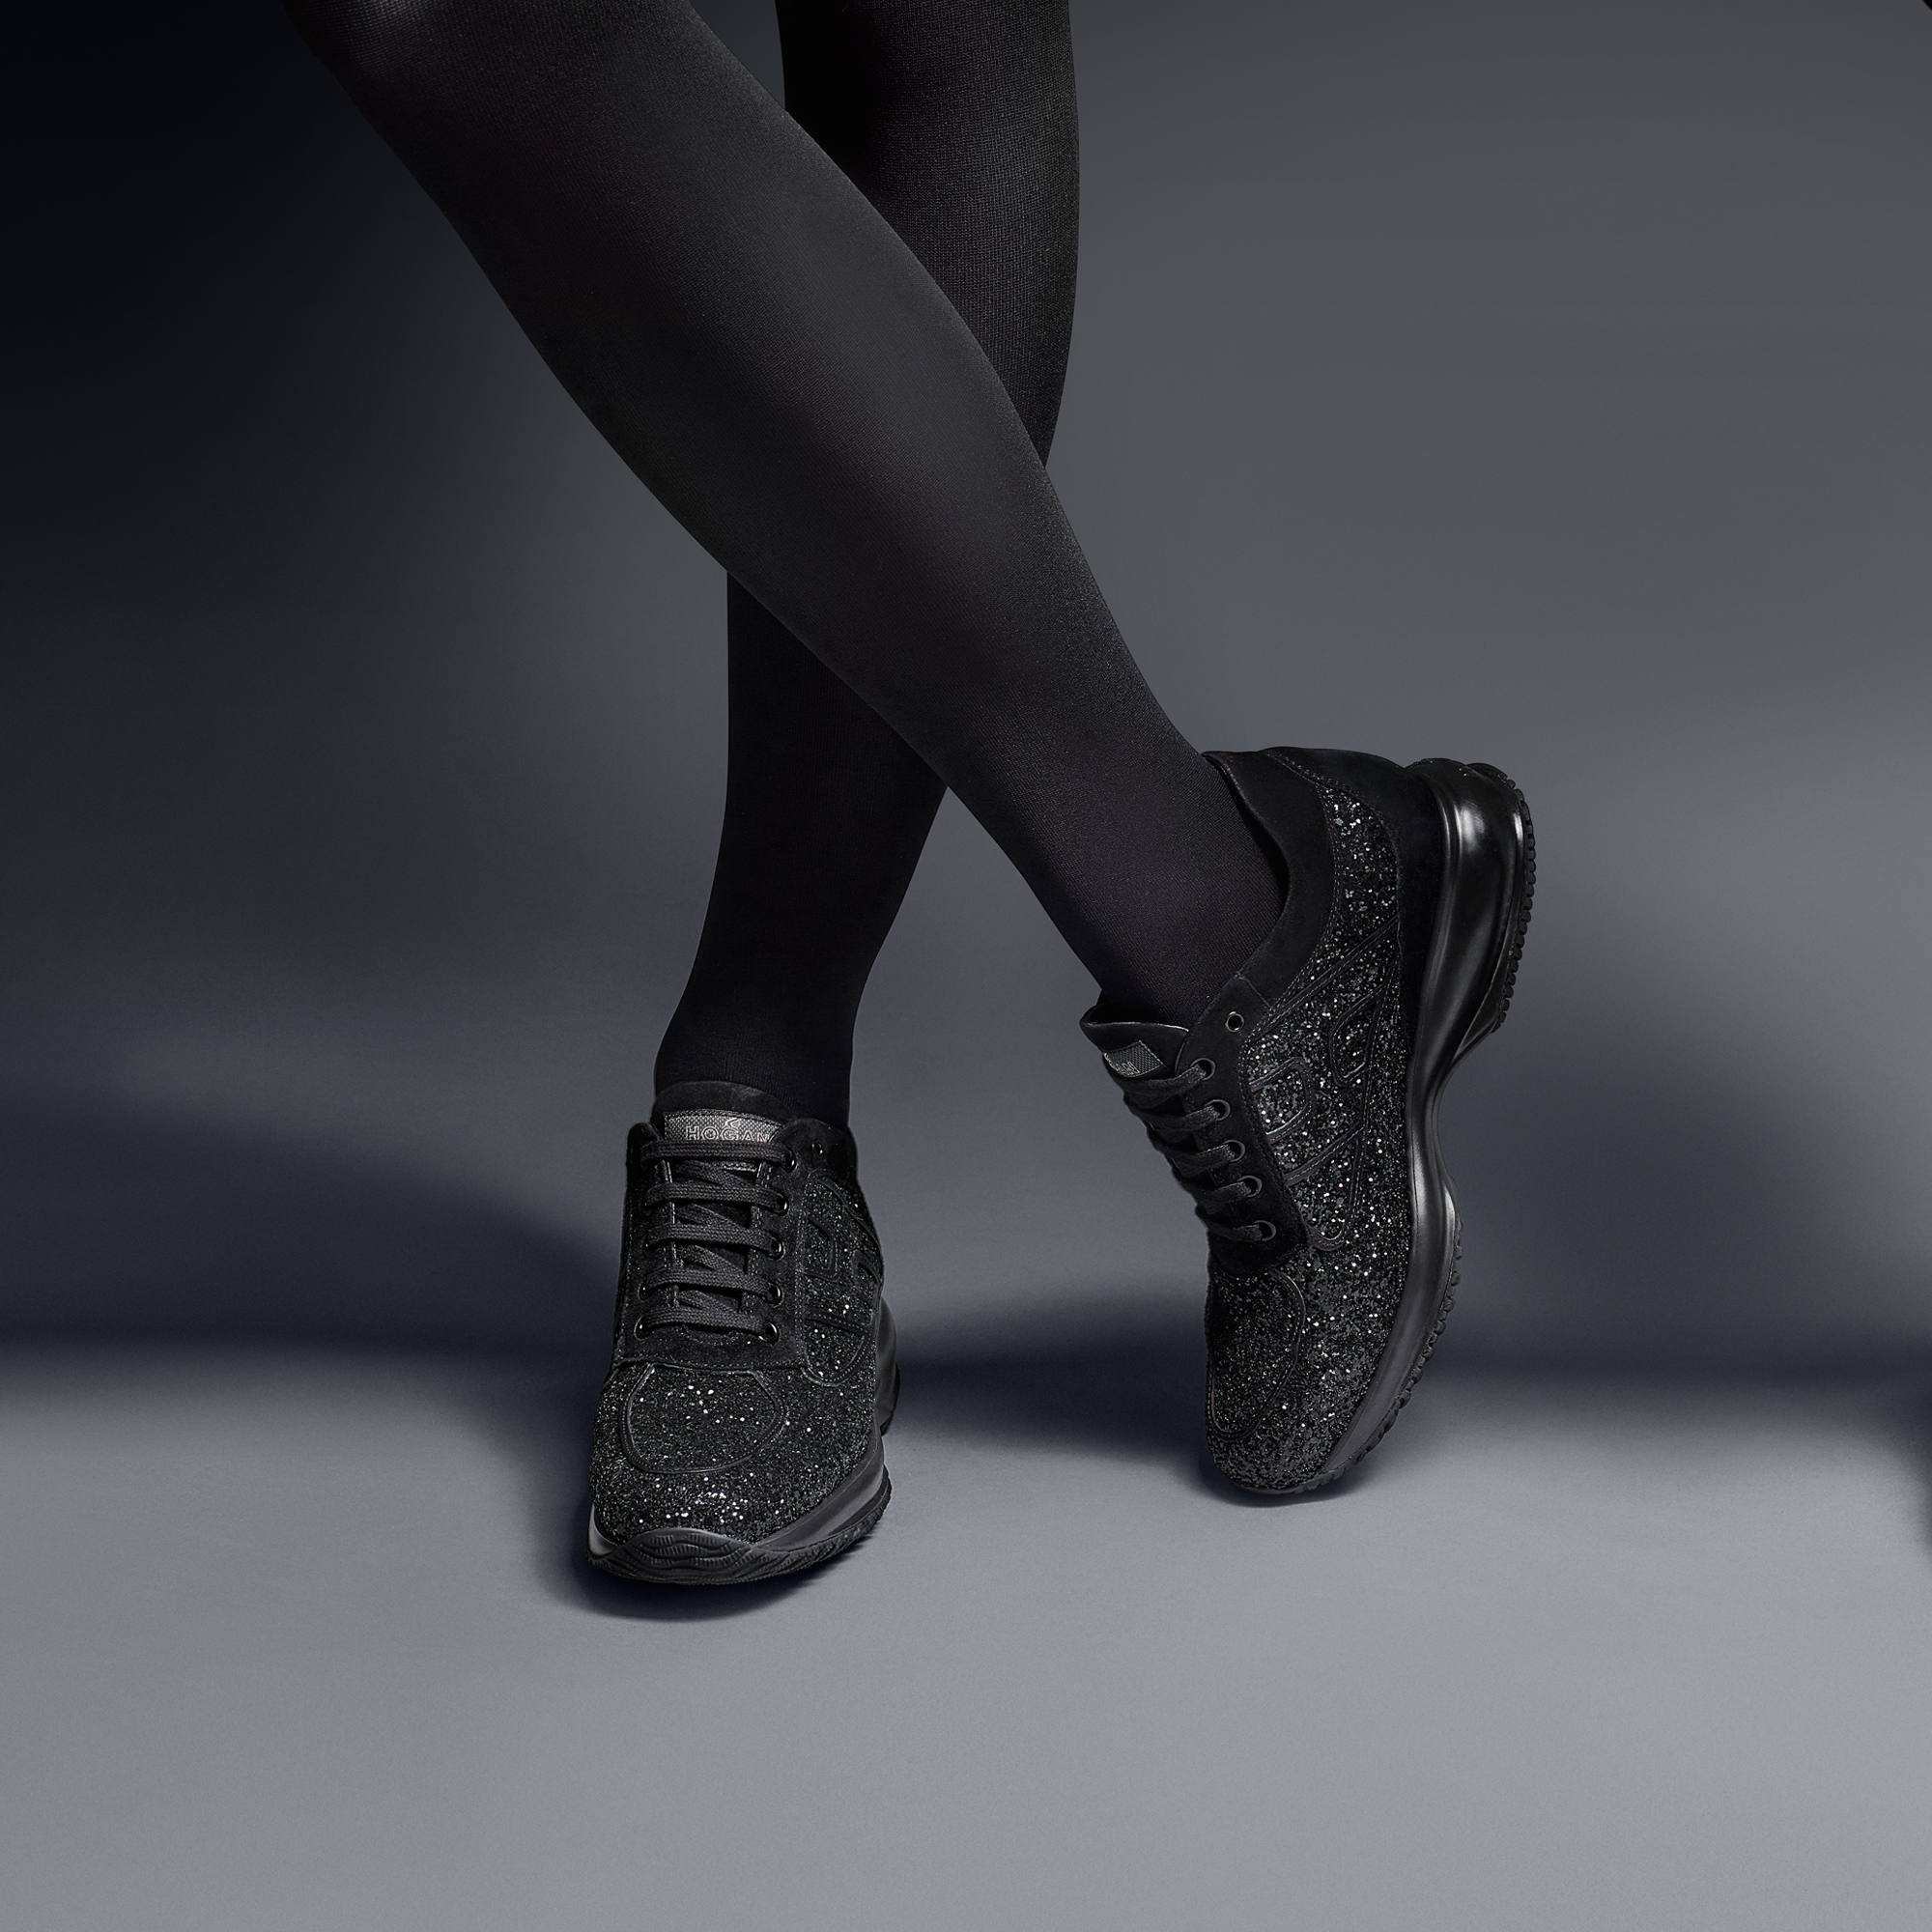 collezione scarpe hogan inverno 2017